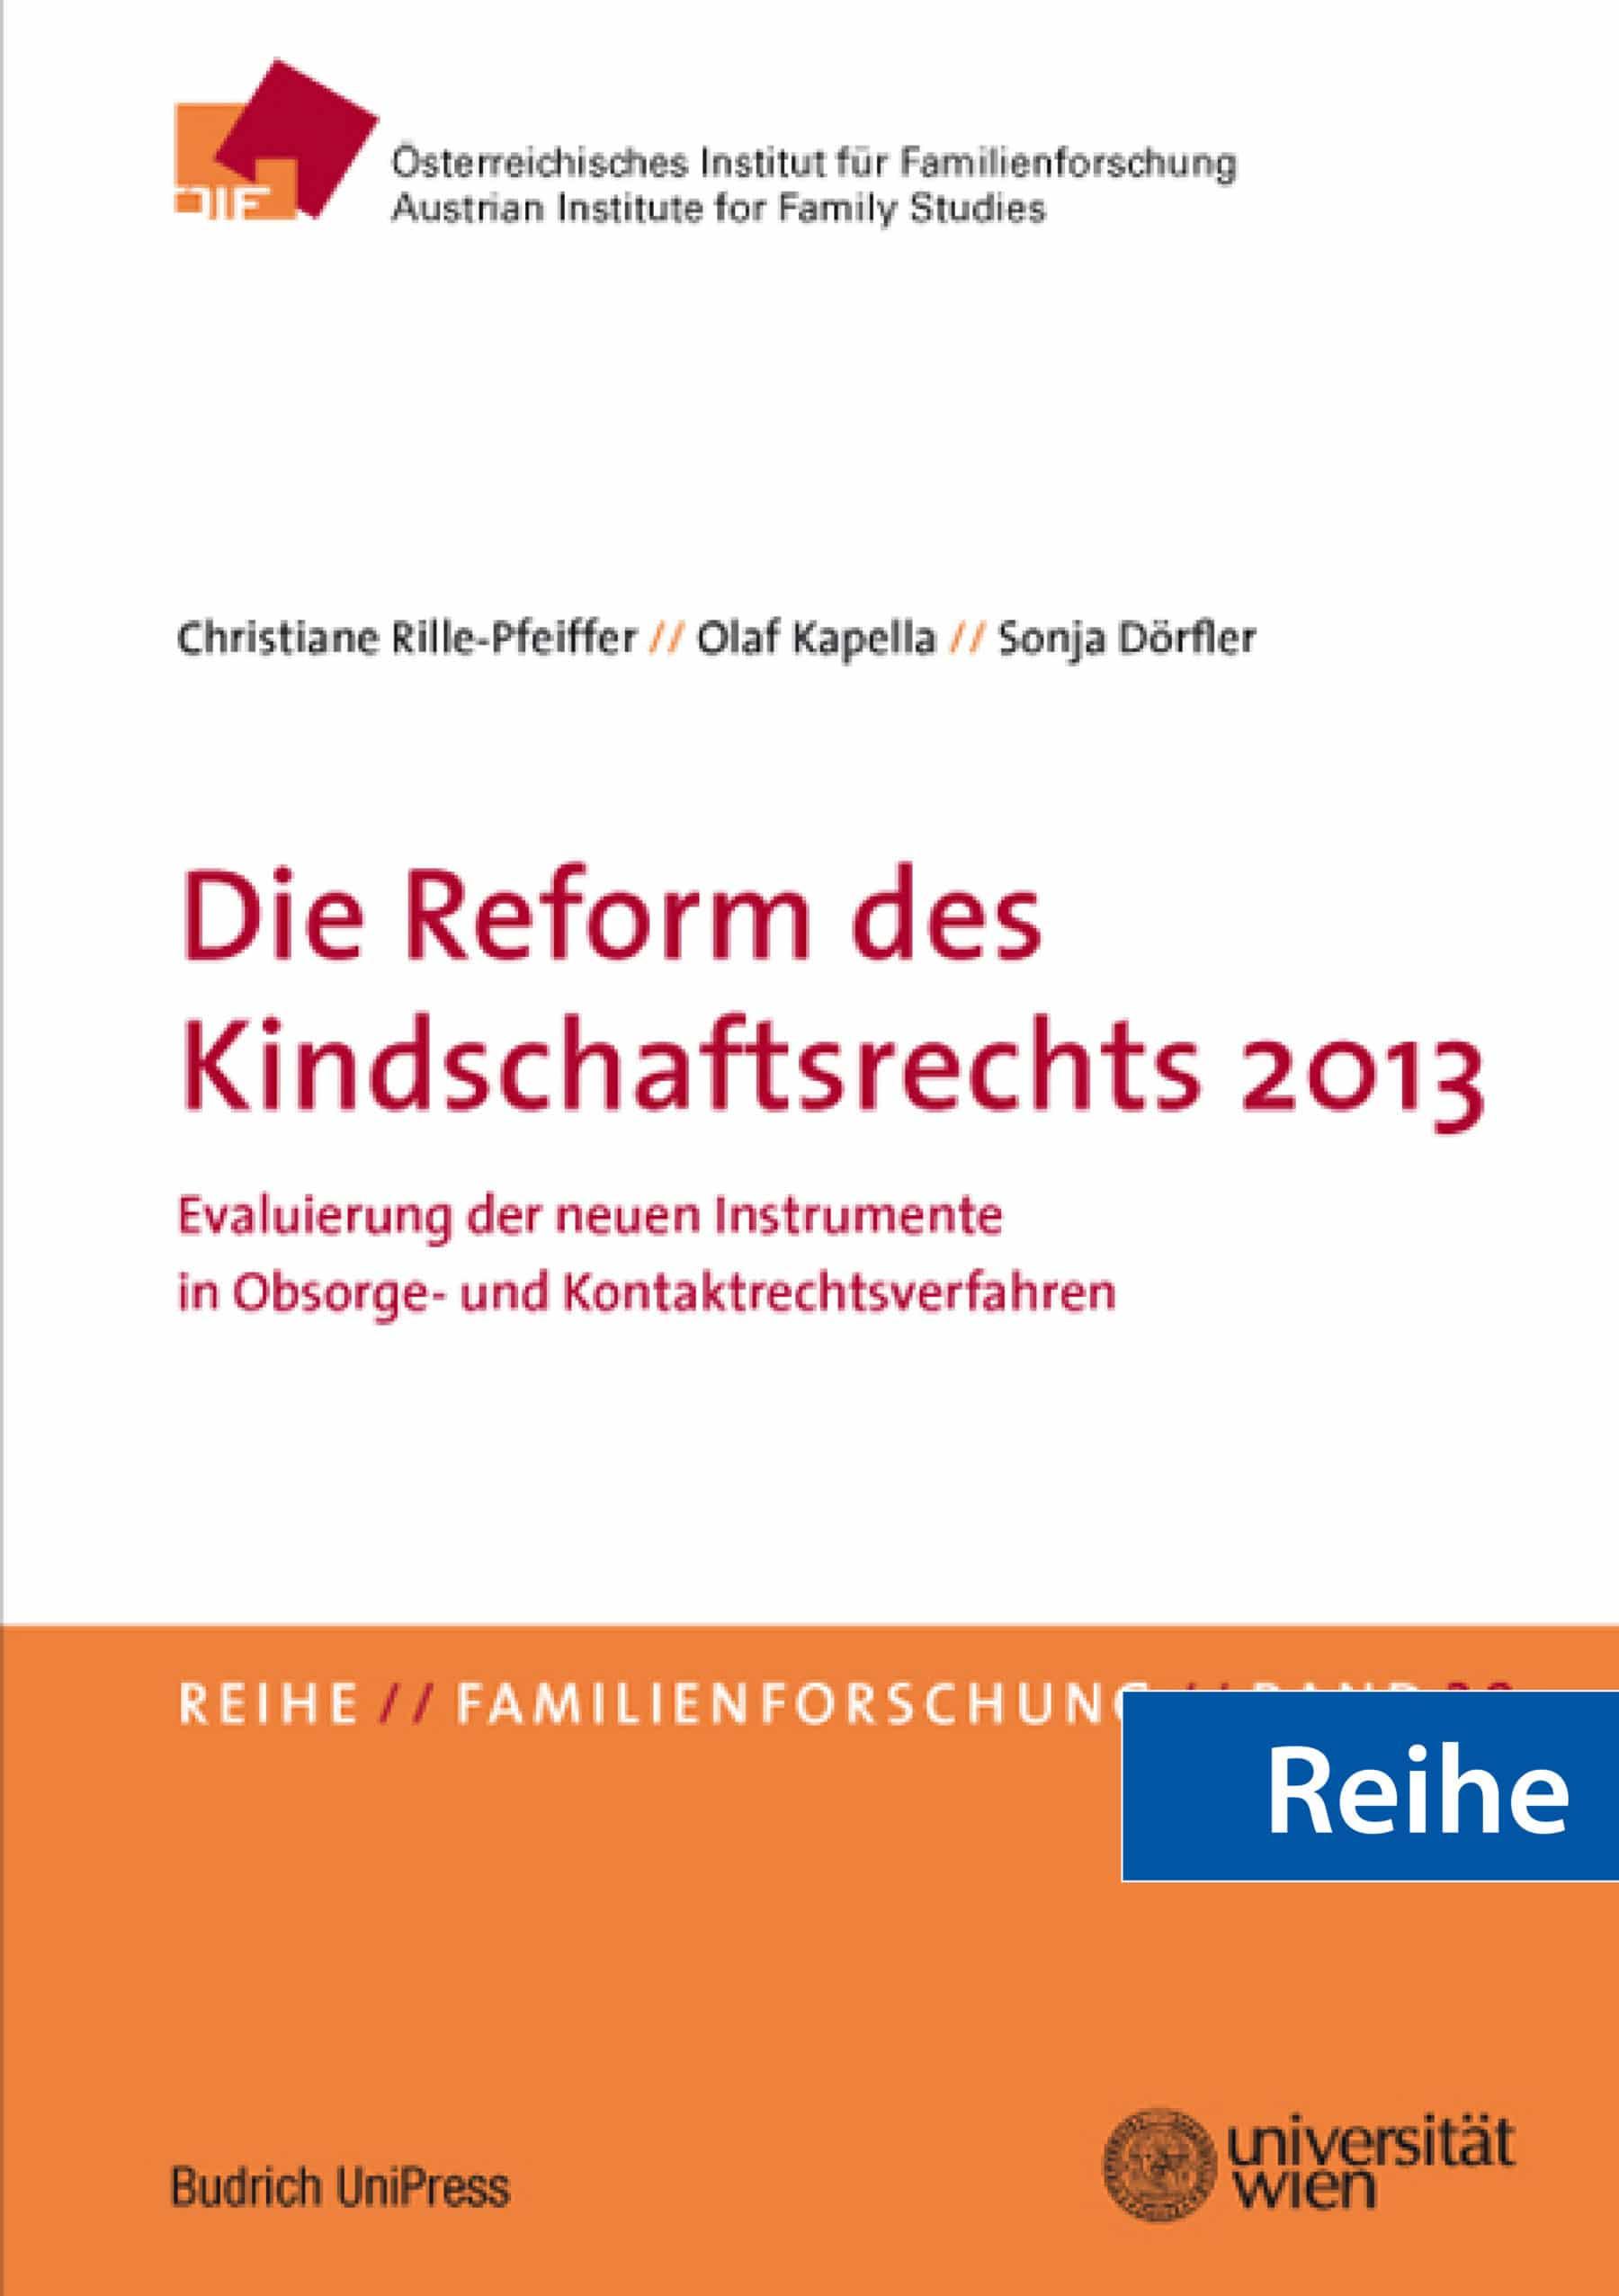 Reihe – Familienforschung – Schriftenreihe des Österreichischen Instituts für Familienforschung (ÖIF)